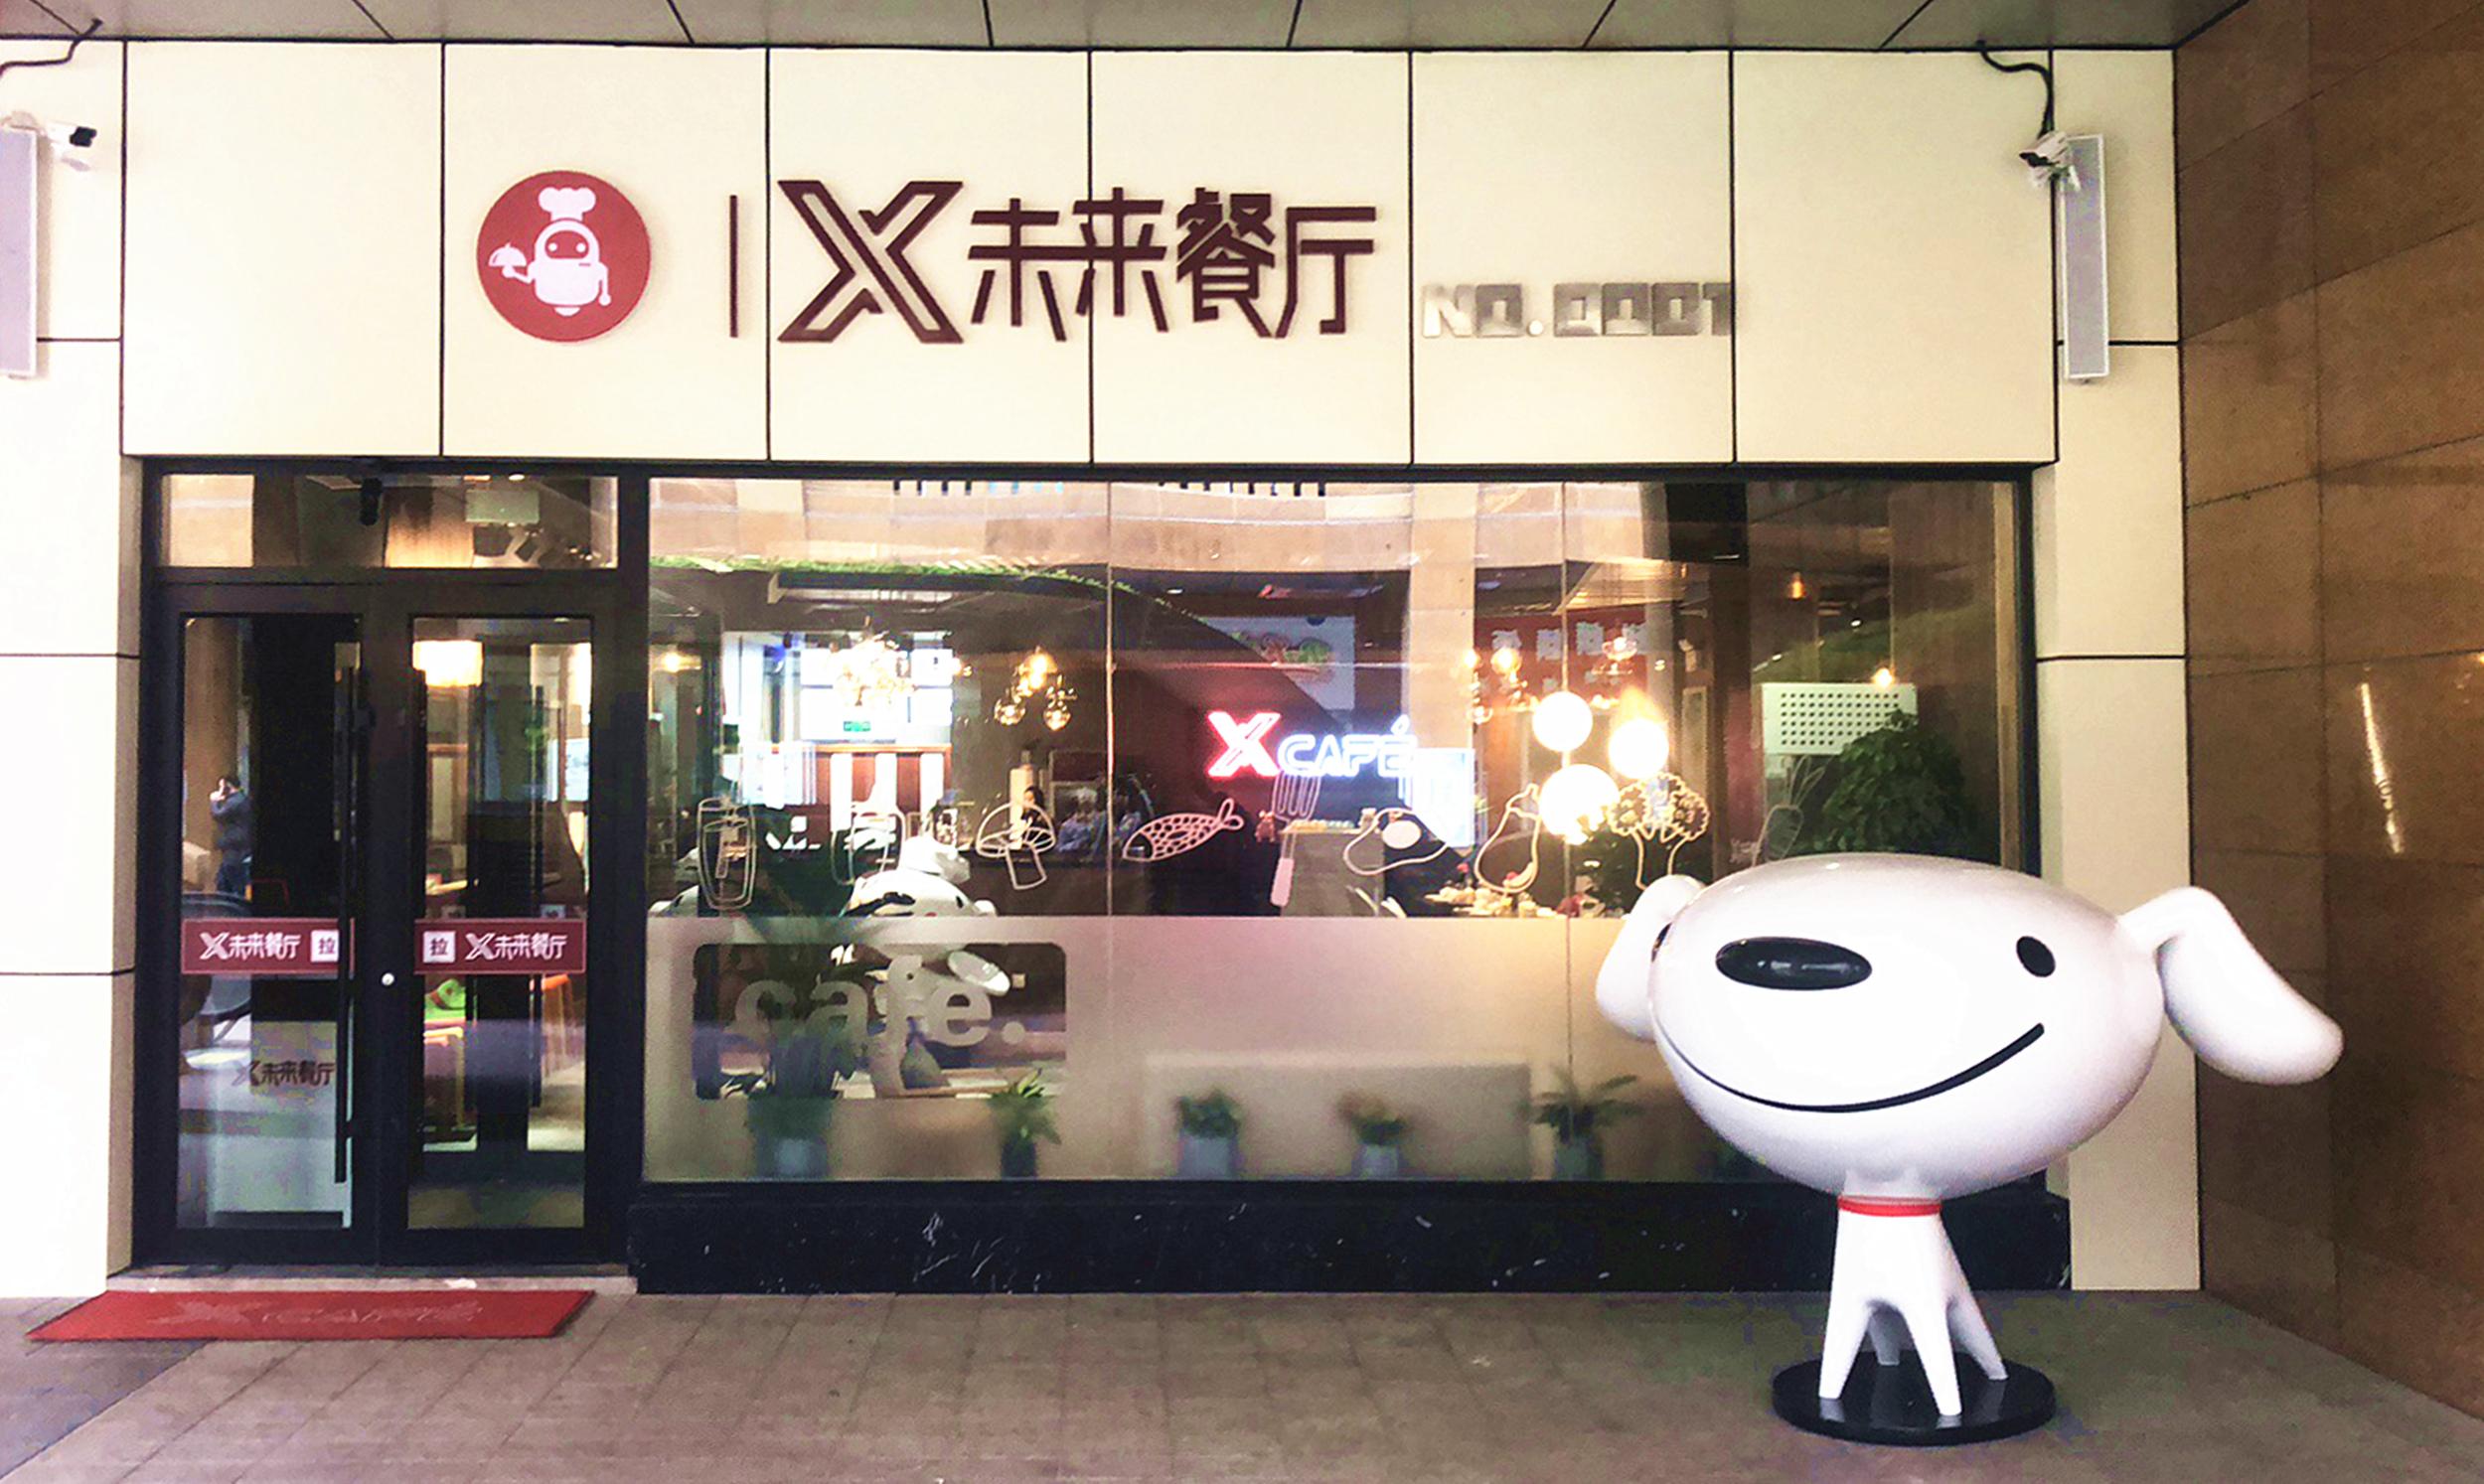 首家京东x未来餐厅开业 机器人大厨可炒40道菜_中国网